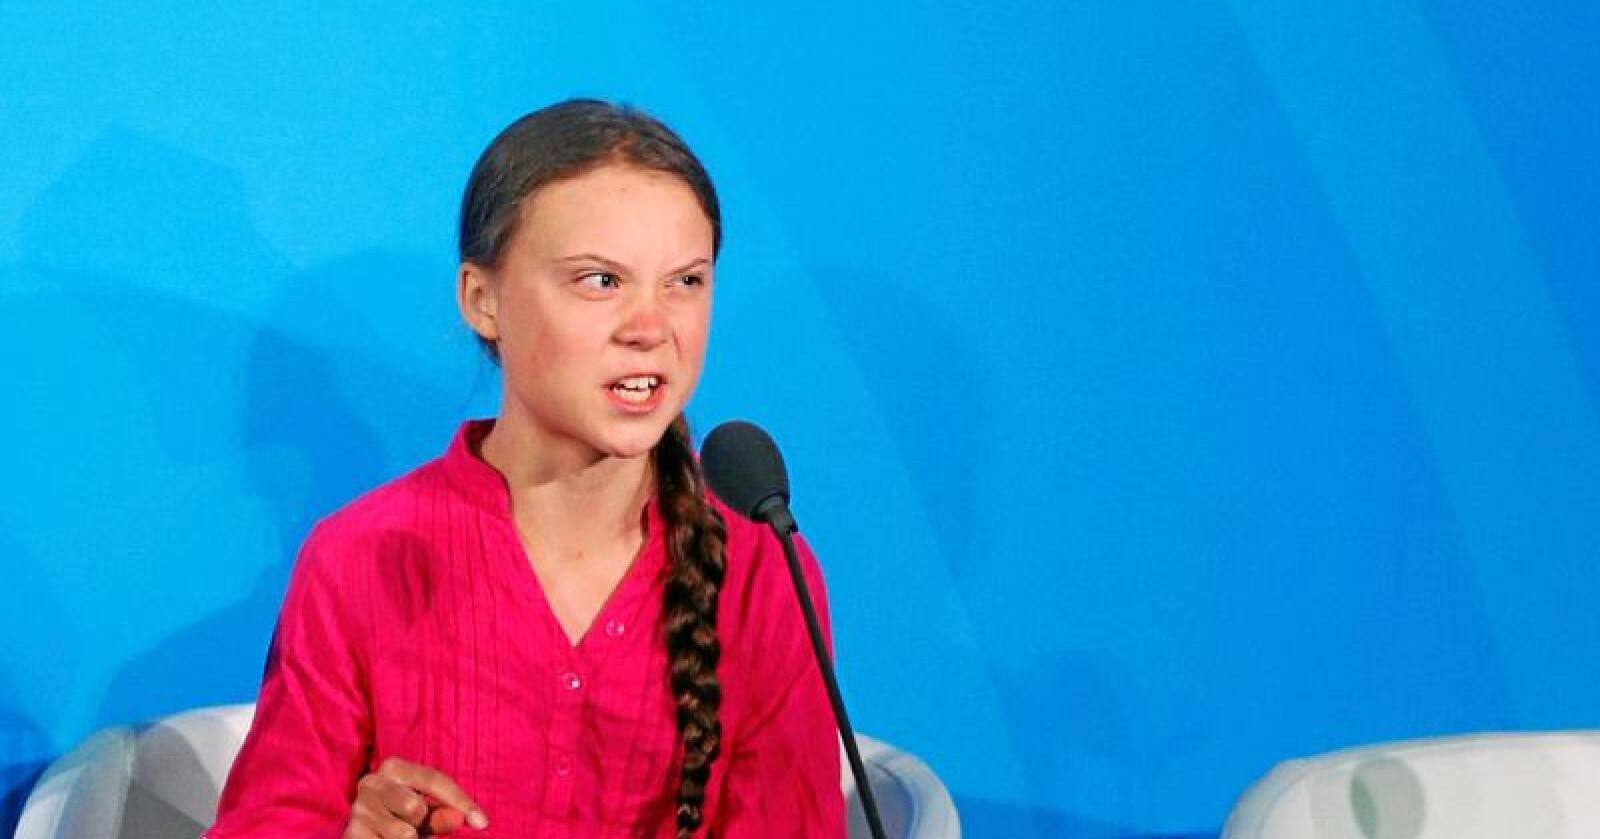 Anklager: Klimaaktivist Greta Thunberg med sterke anklager mot verdensledere på FNs høynivåmøte. Foto: Jason DeCrow/Ap/NTB scanpix